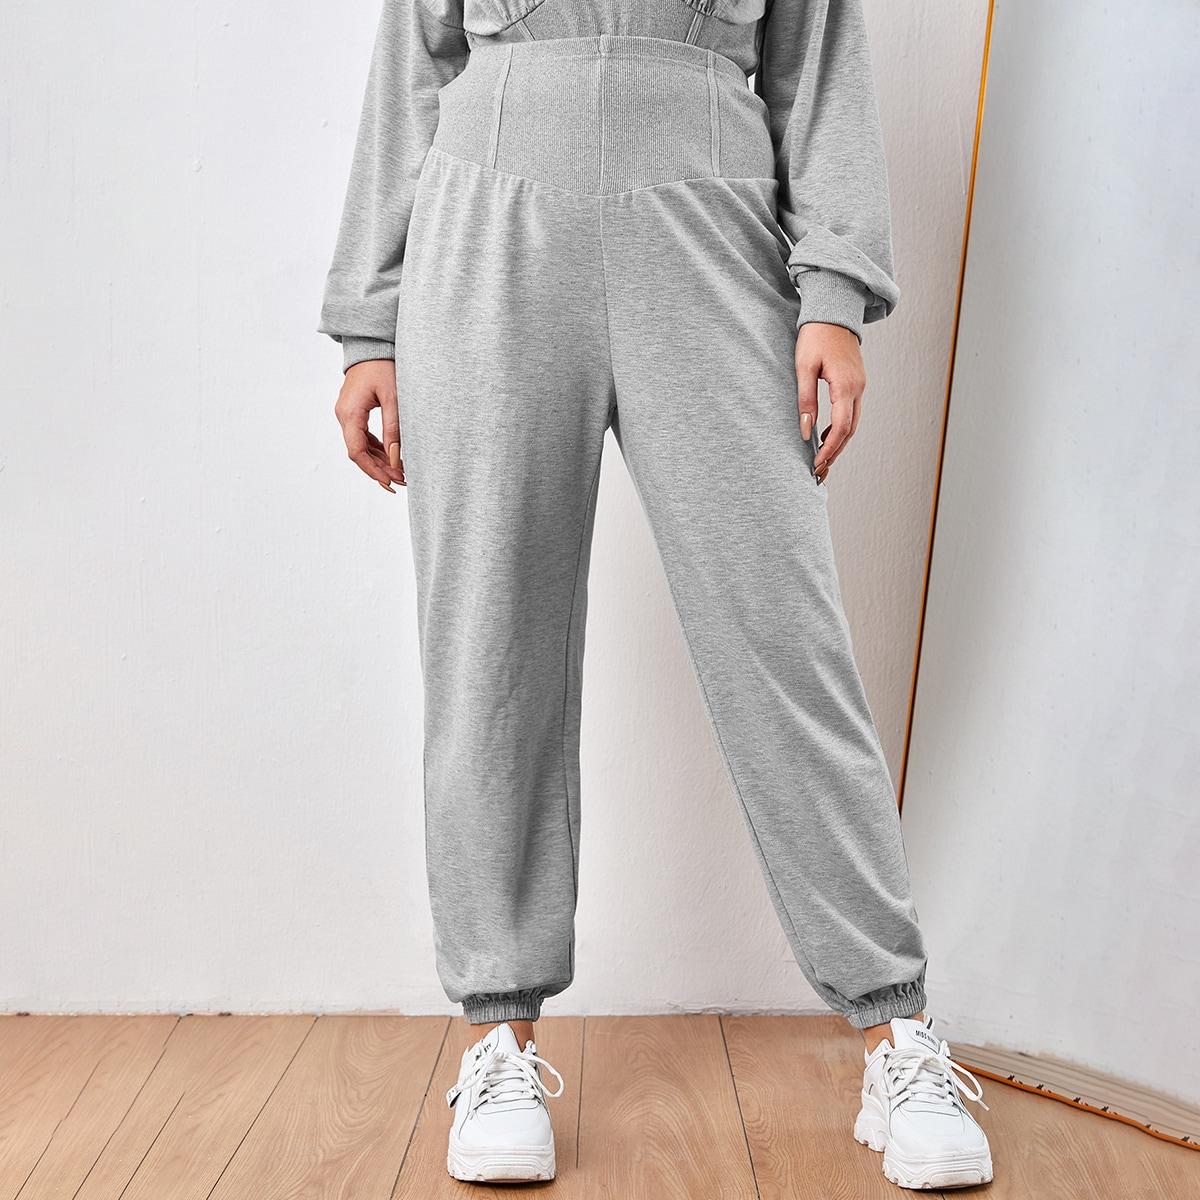 Одноцветный спортивный брюки размер плюс